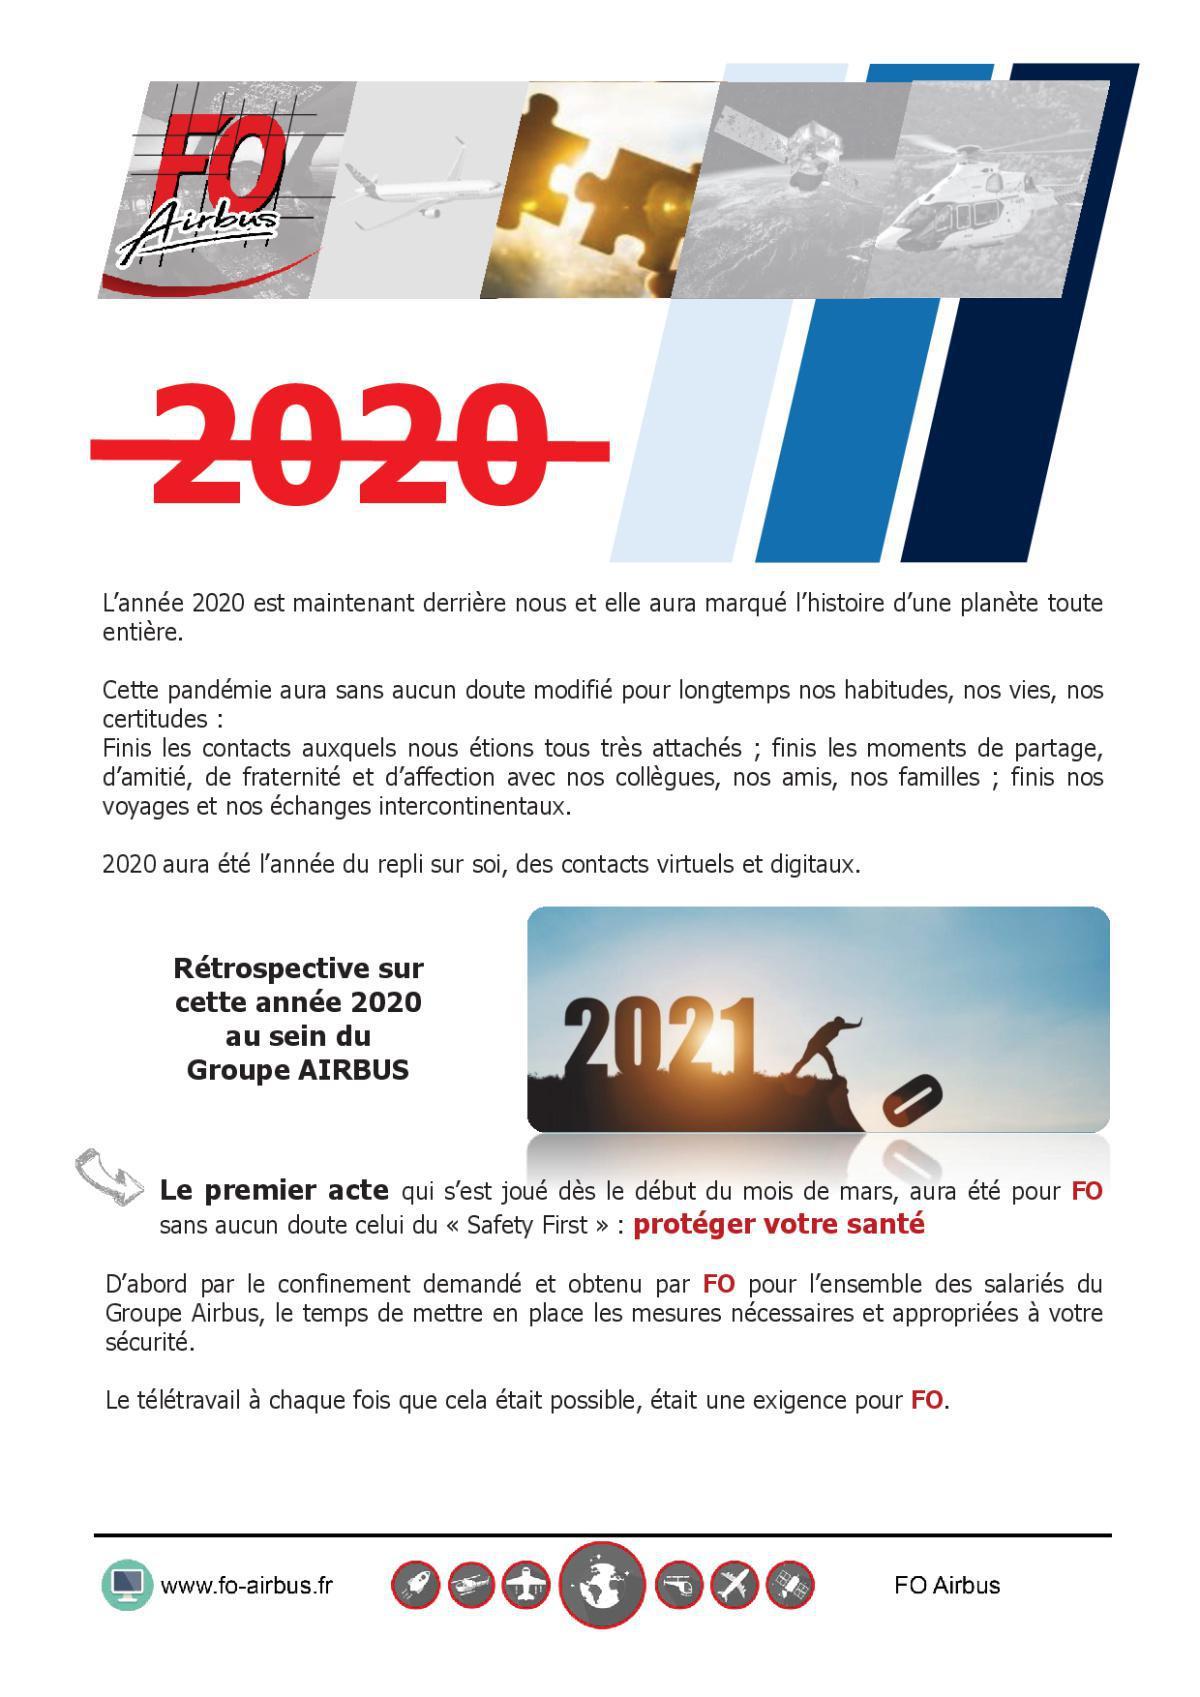 Rétrospective sur cette année 2020 au sein du Groupe AIRBUS